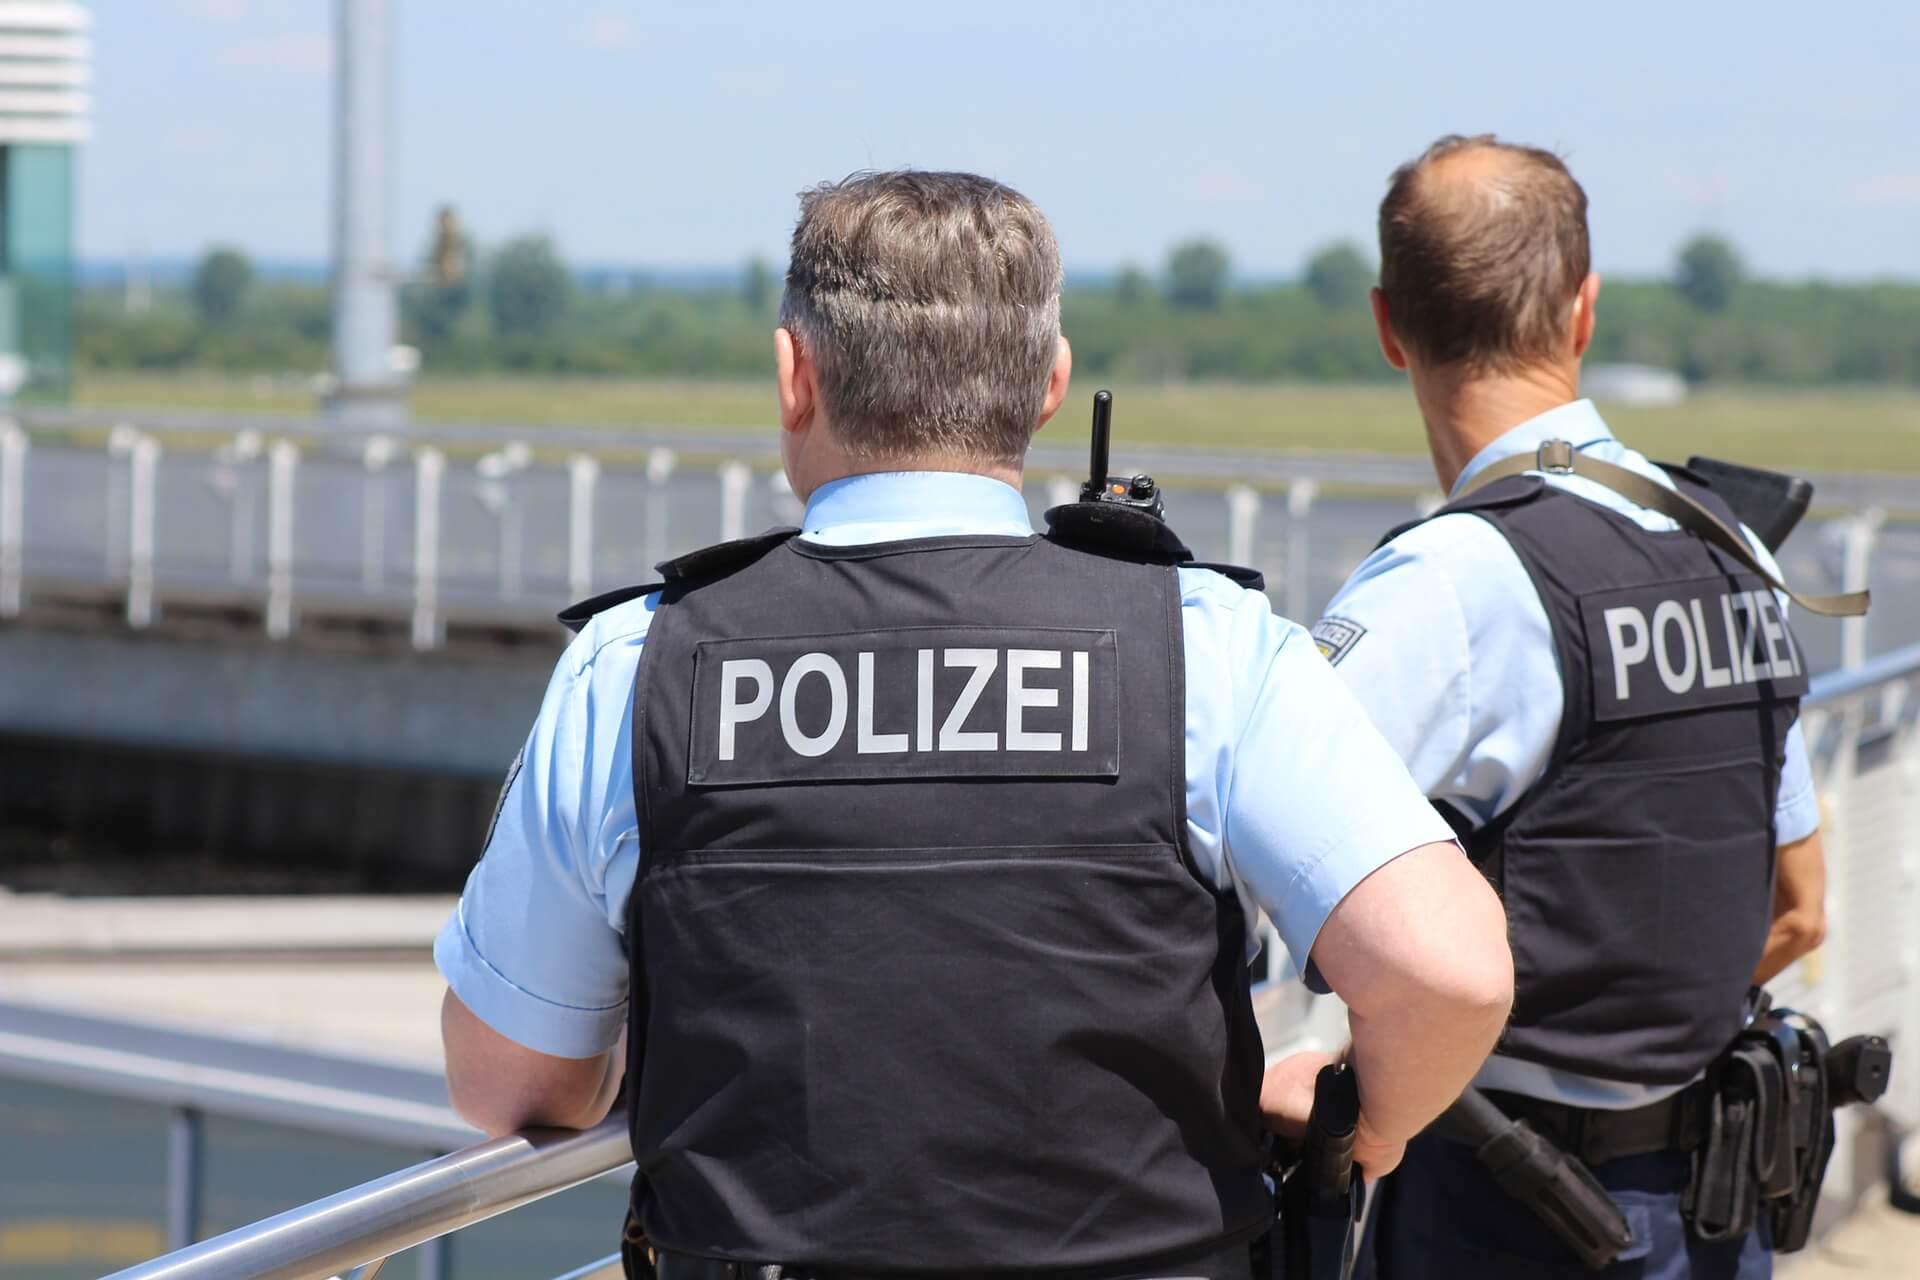 Fahrtkosten: Dienststelle ist erste Tätigkeitsstätte für Streifenpolizisten